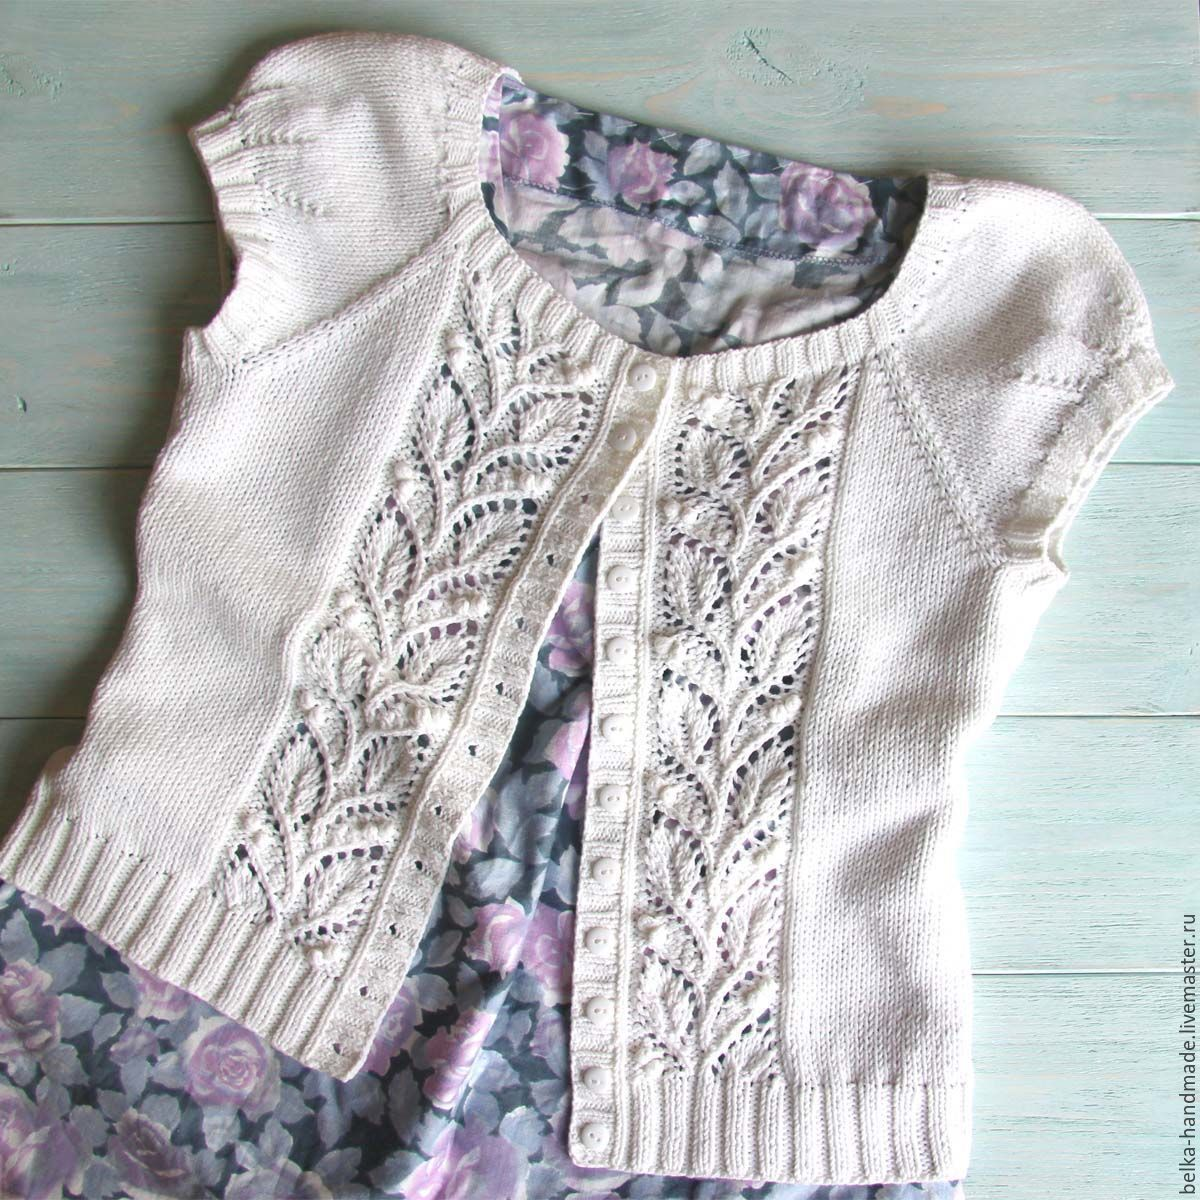 Купить Leafy summer cardigan (описание) - белый, кардиган, кардиган ...